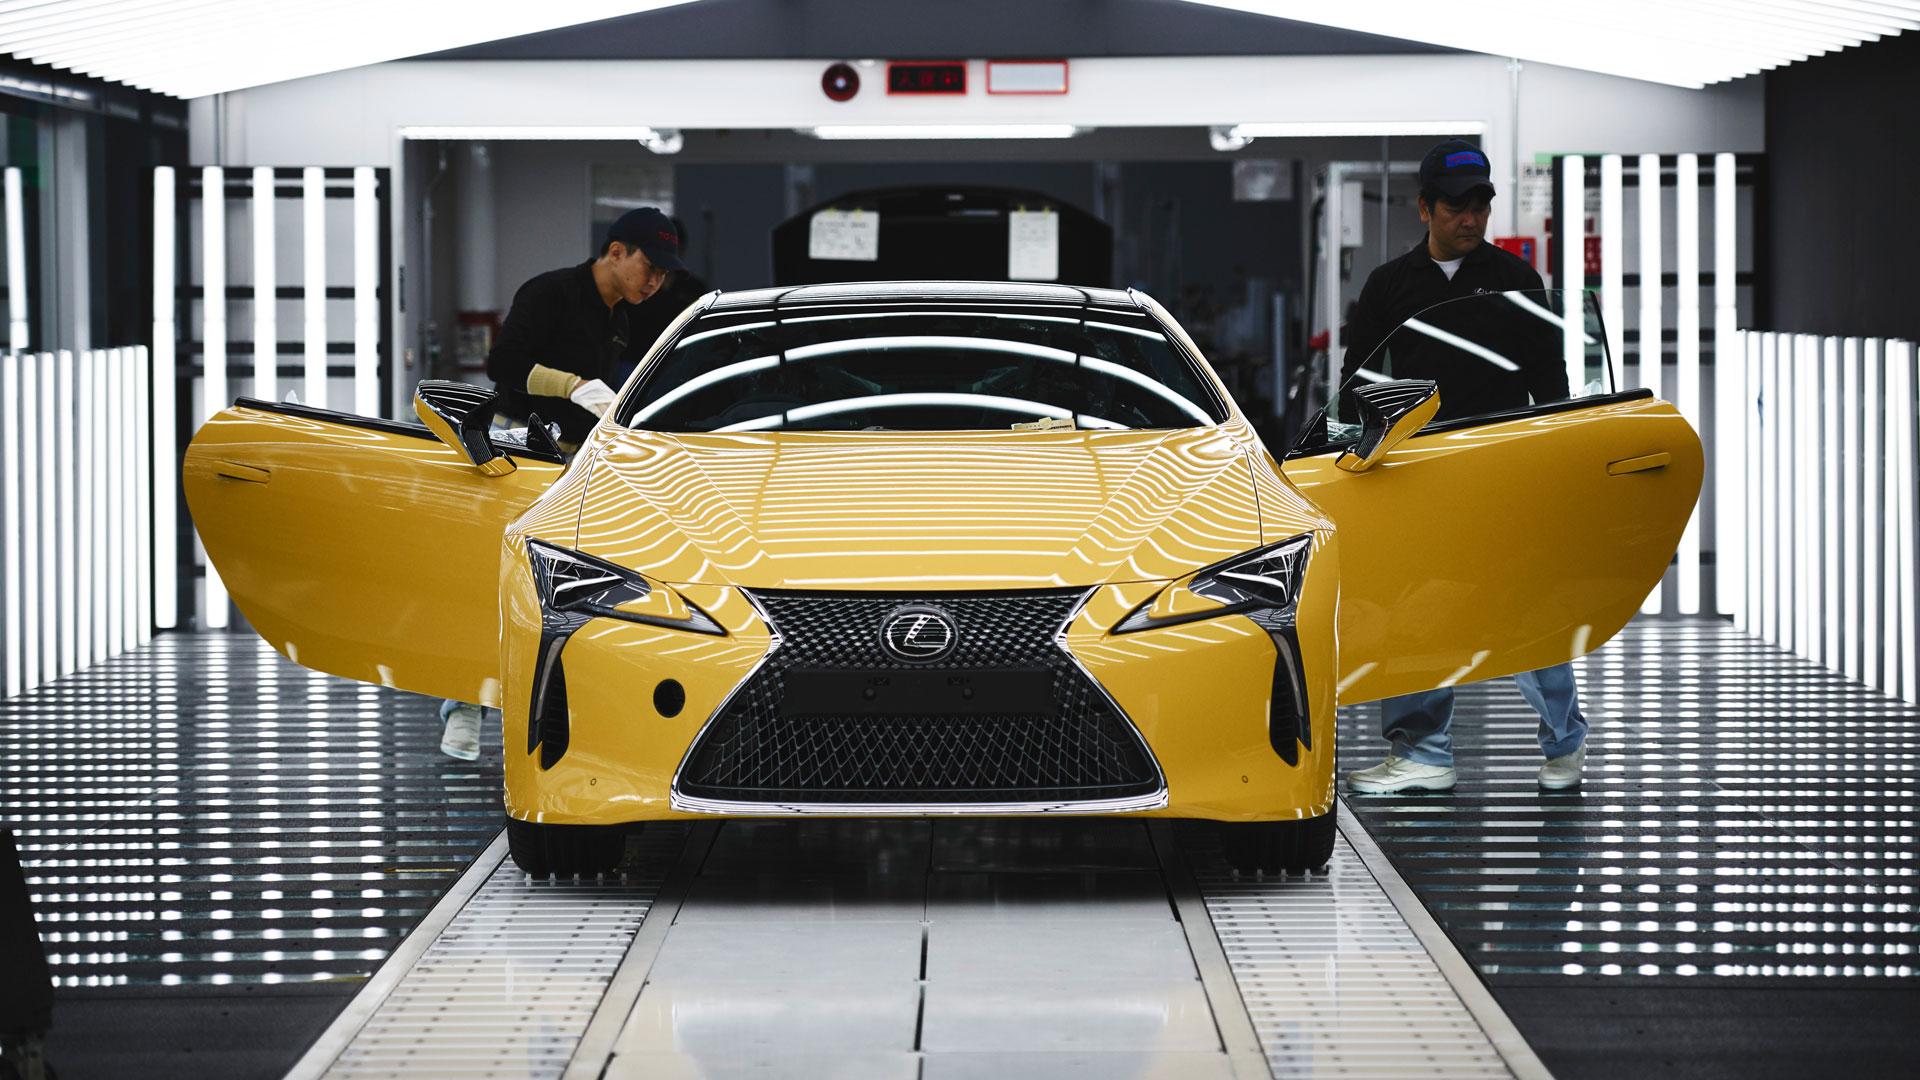 Imagen del LC 500h Yellow Edition en la fábrica de producción